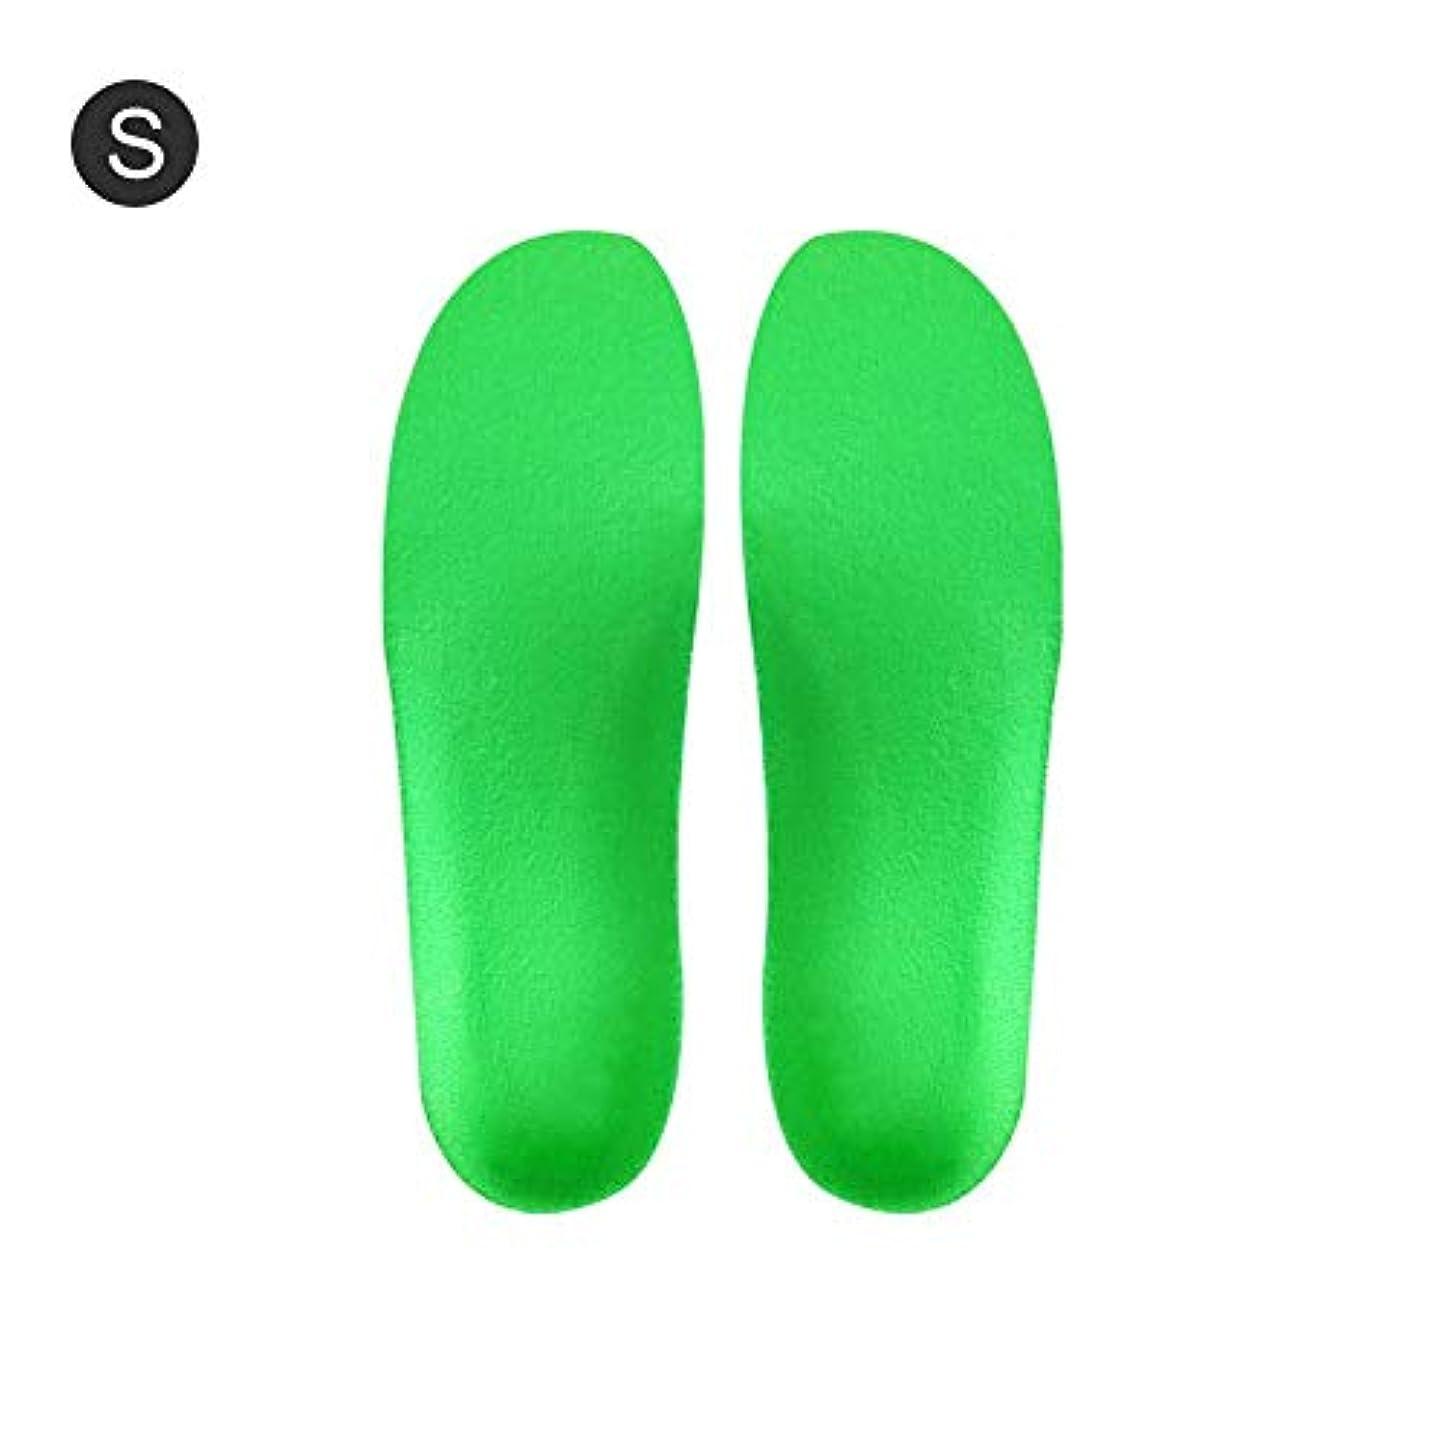 アロング半導体評判1ペ ア矯正靴挿入汗吸収性通気性の高い アーチサポートインソール 修正スポーツインソール パッド インソール 扁平足 アーチサポーター 3Ð立体型 中敷きクッション 衝撃吸収 アーチ型 - グリーン&ブラック